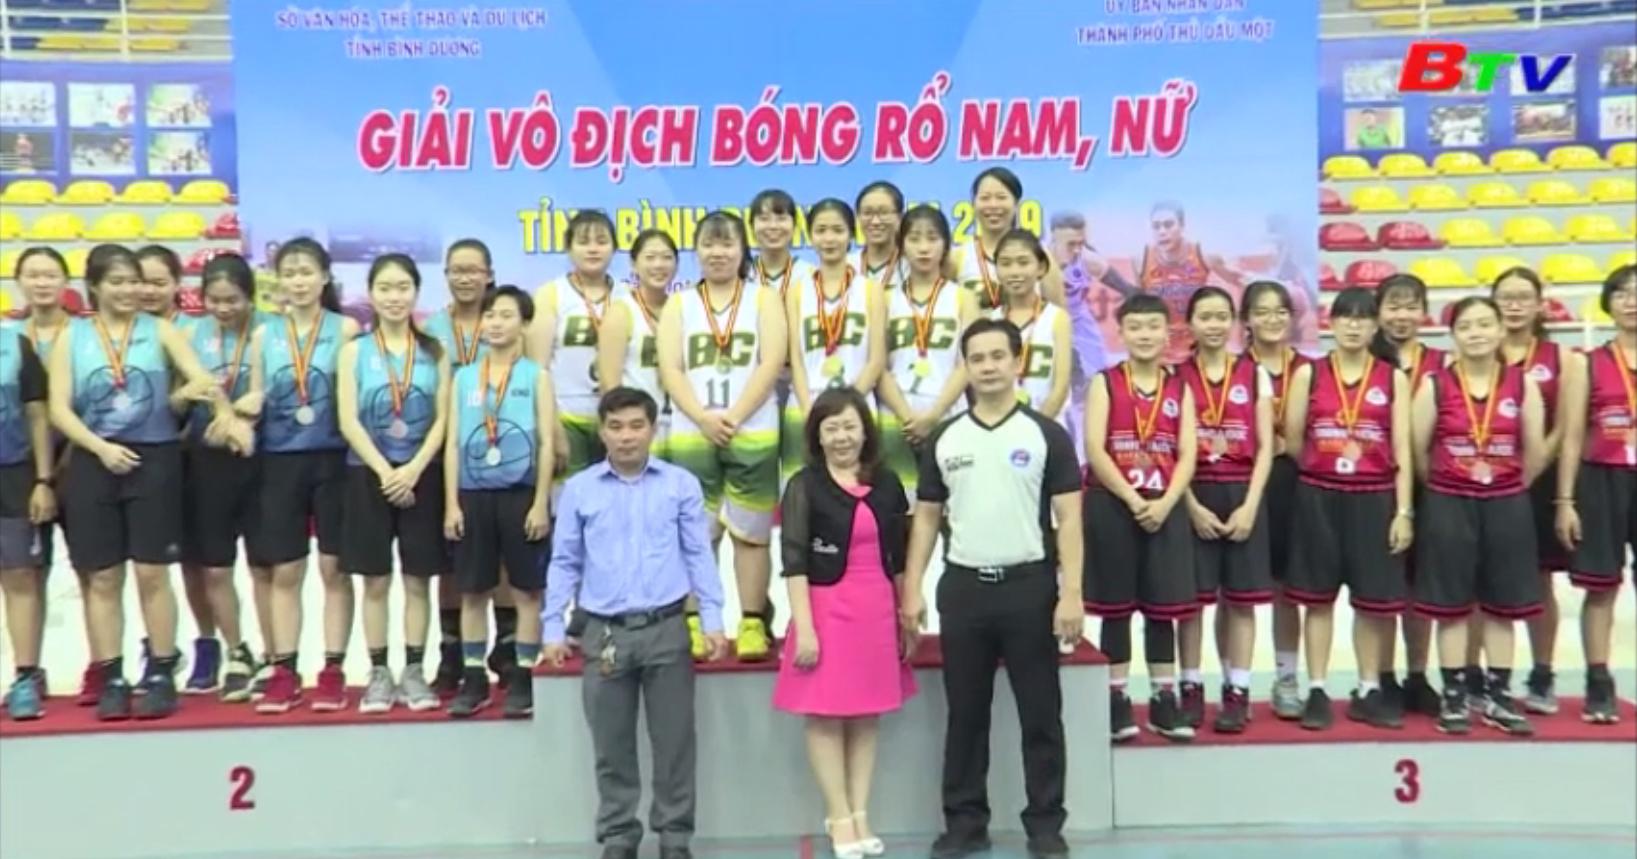 Bế mạc Giải vô địch bóng rổ tỉnh Bình Dương 2019